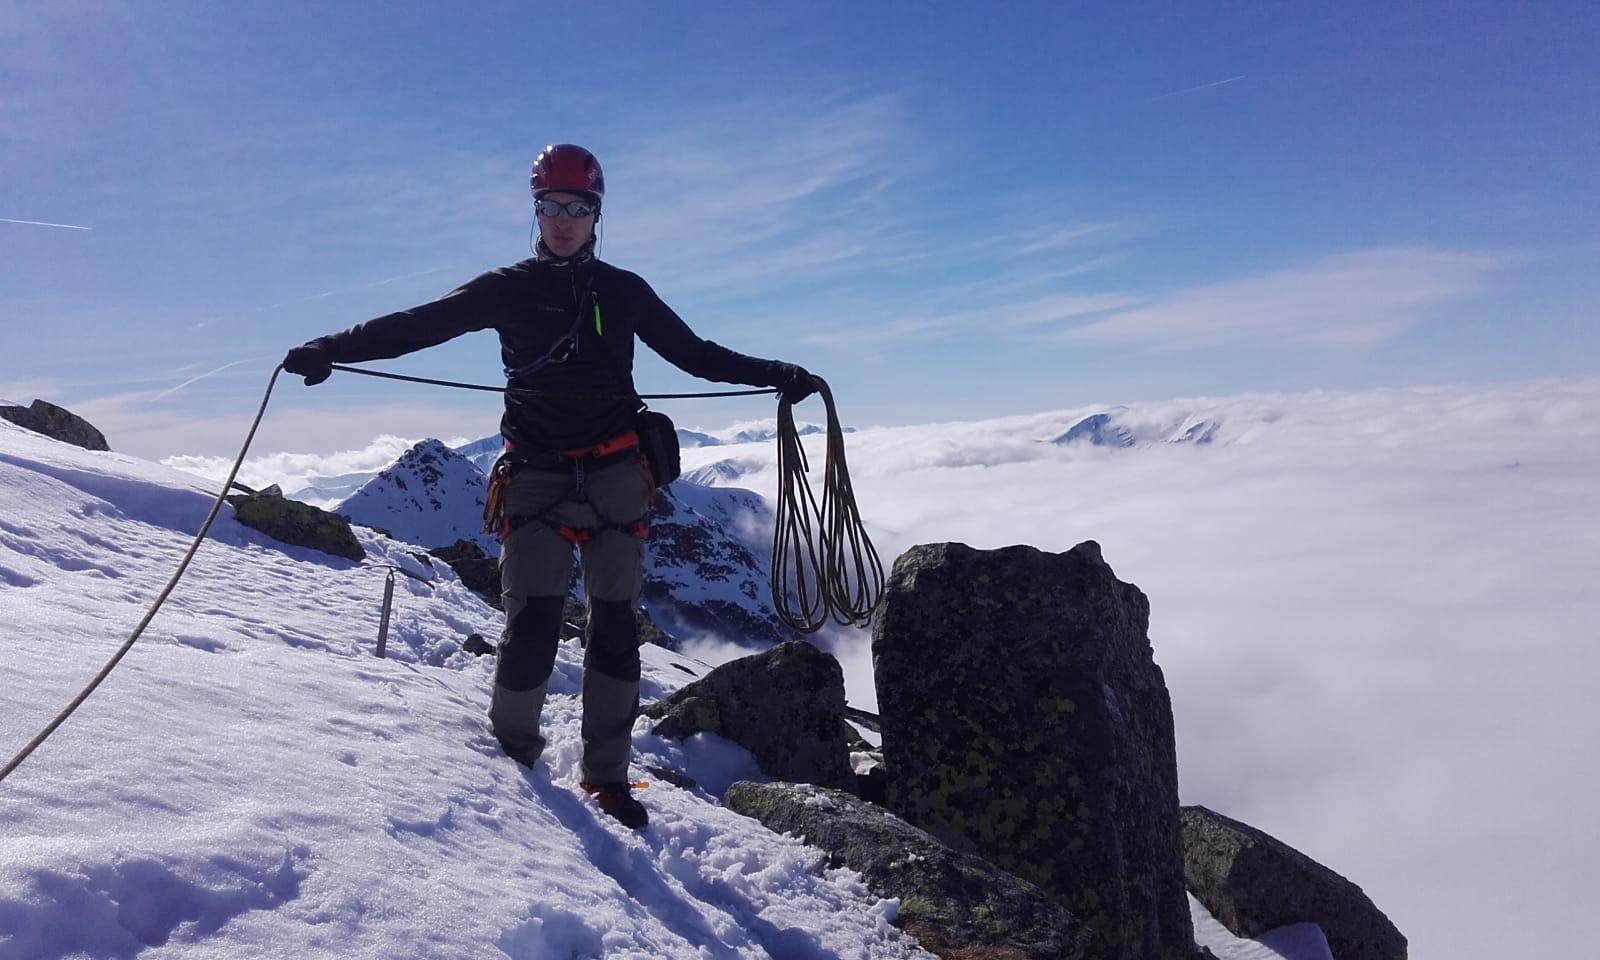 przywiązywanie liny na szczycie górskim